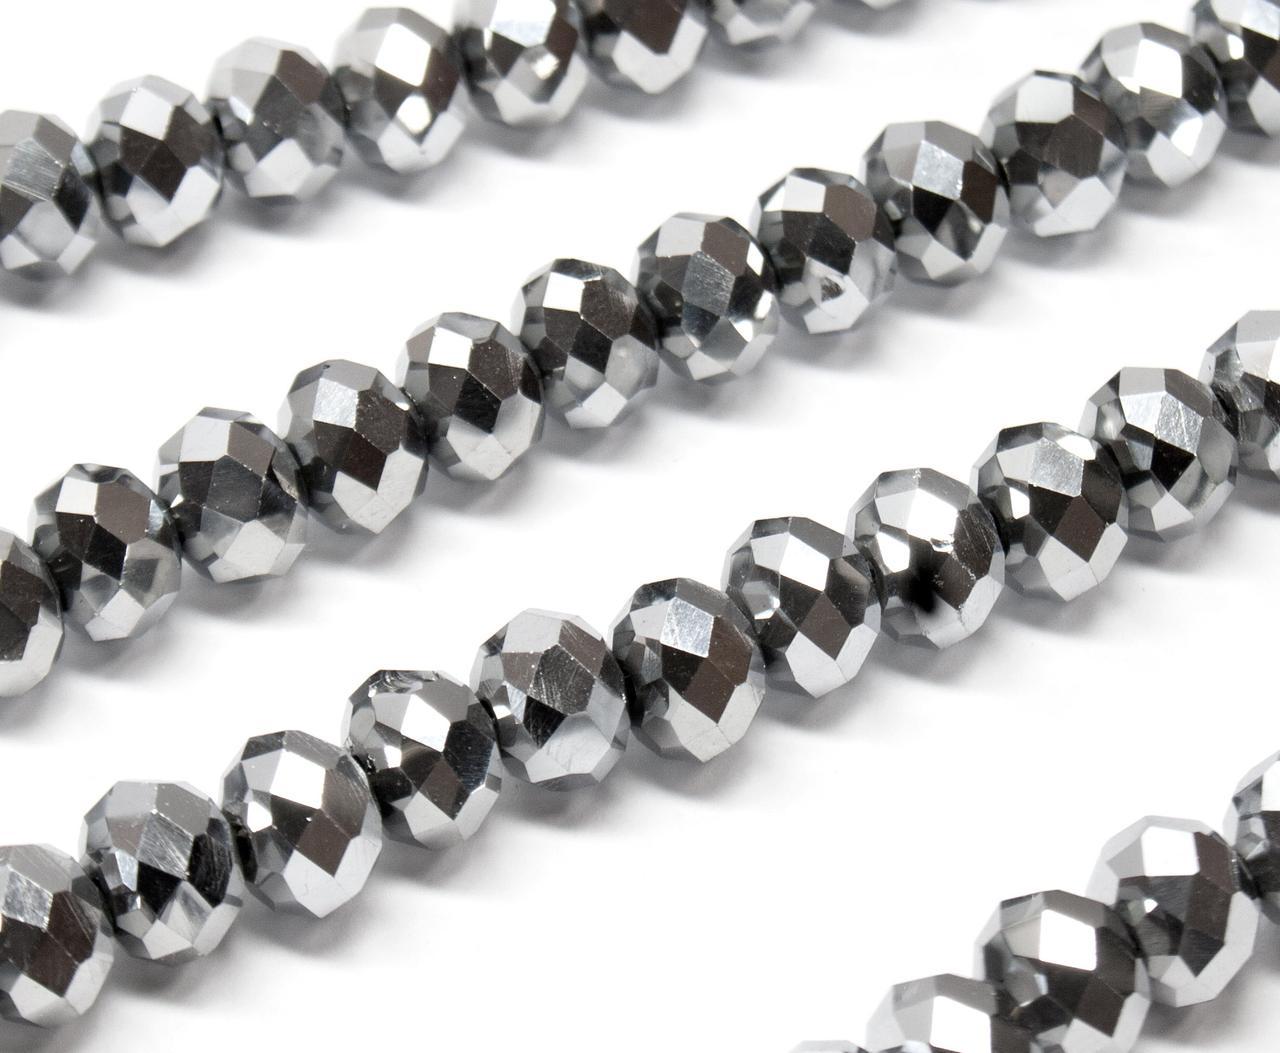 Бусины хрустальные (Рондель) 8х6мм  пачка - примерно 70 шт, цвет -  серебряное напыление